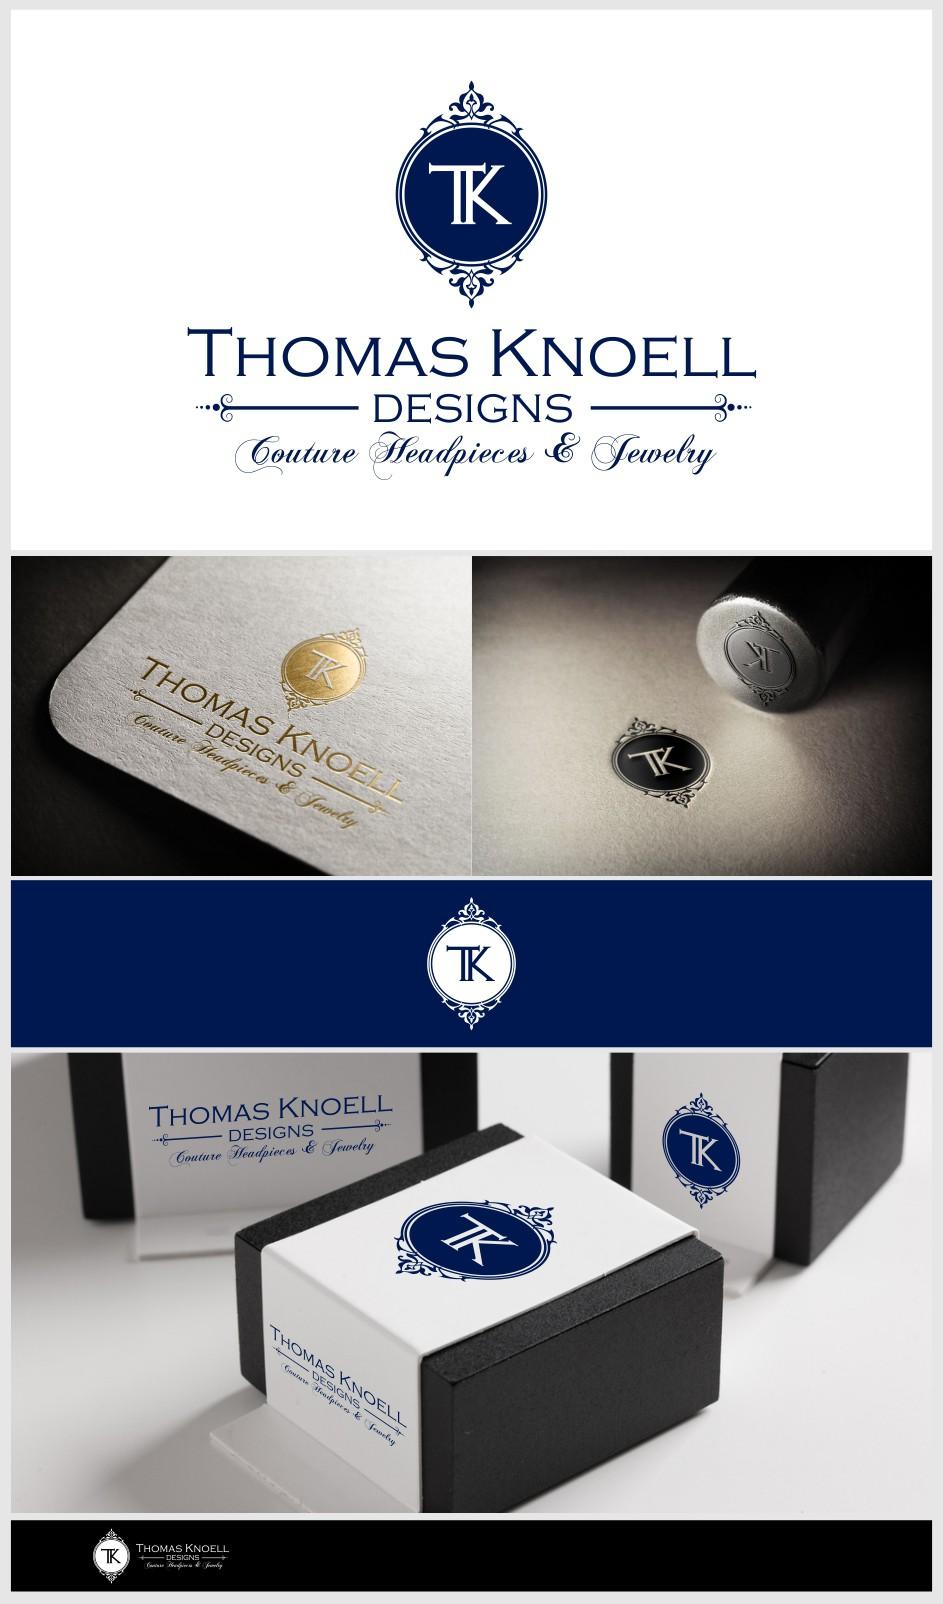 Design a Hi-end vintage inspired filigree image for Thomas Knoell Designs!